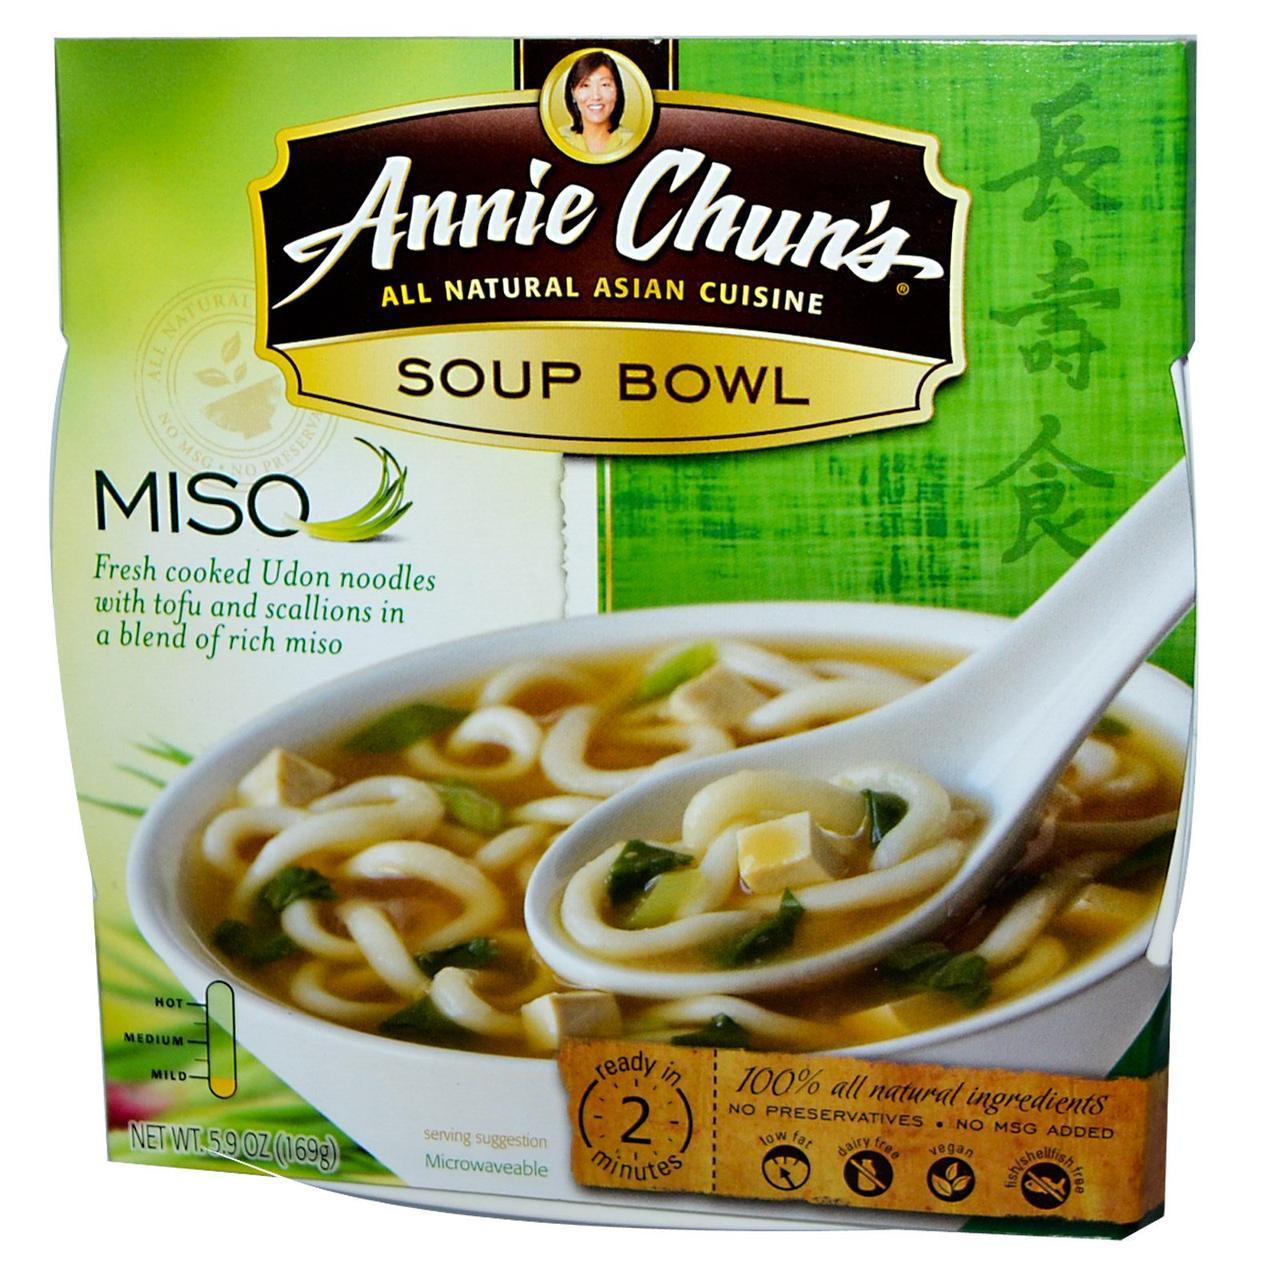 Суп мисо с тофу (Mild), Annie Chun's, 169 г